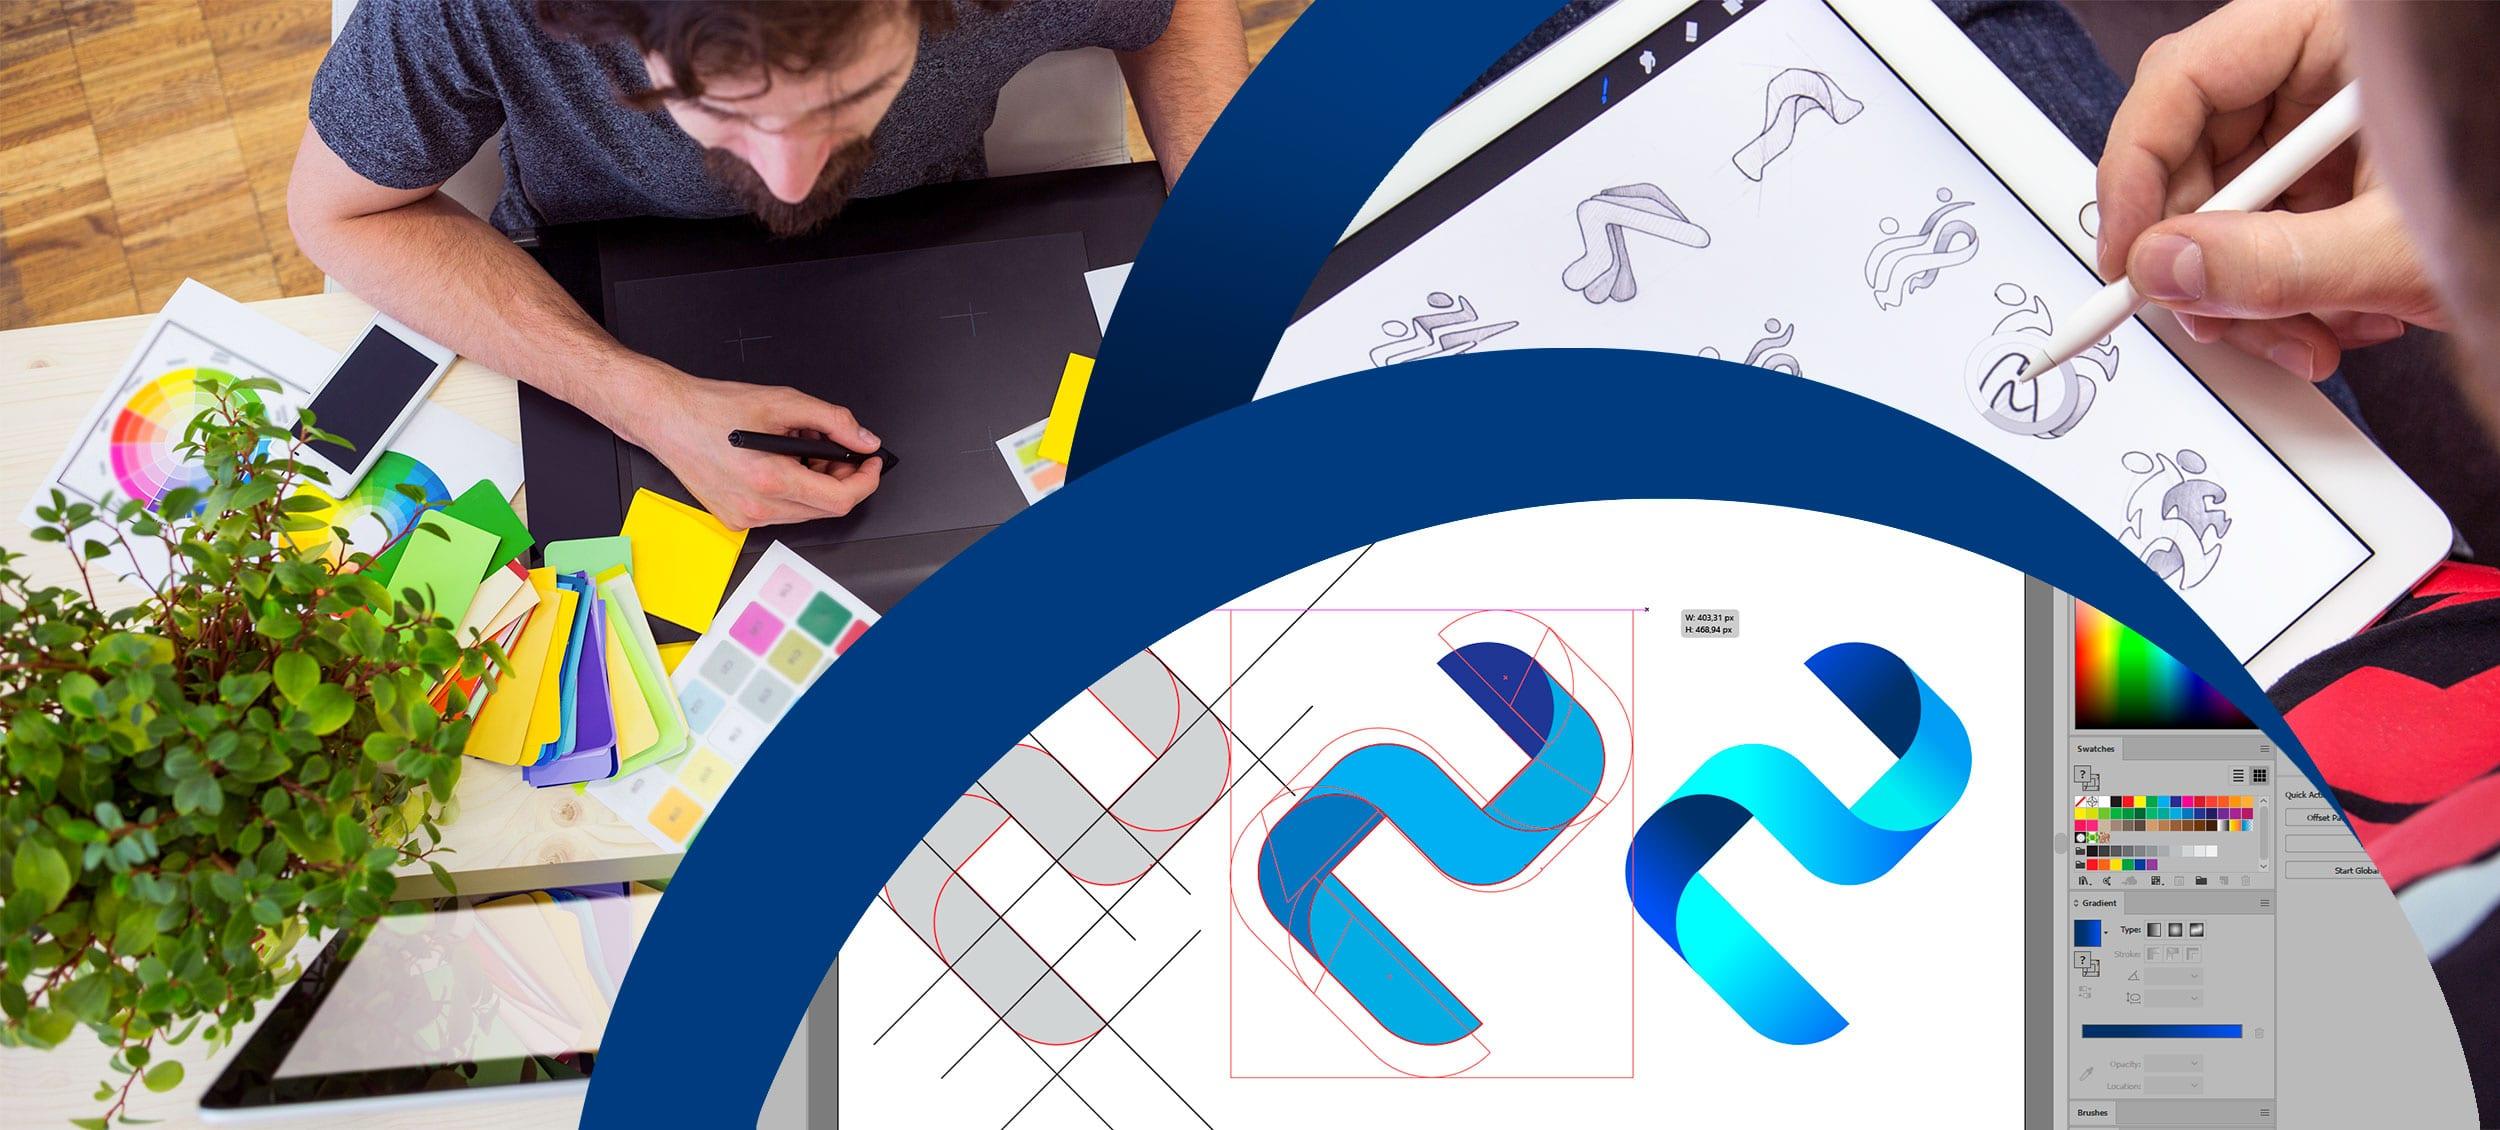 Creatikon Studio este o firmă de logo design din Brașov, cu o vechime de 13 ani, specializată în logo design - creare siglă vectorială, emblemă firmă.